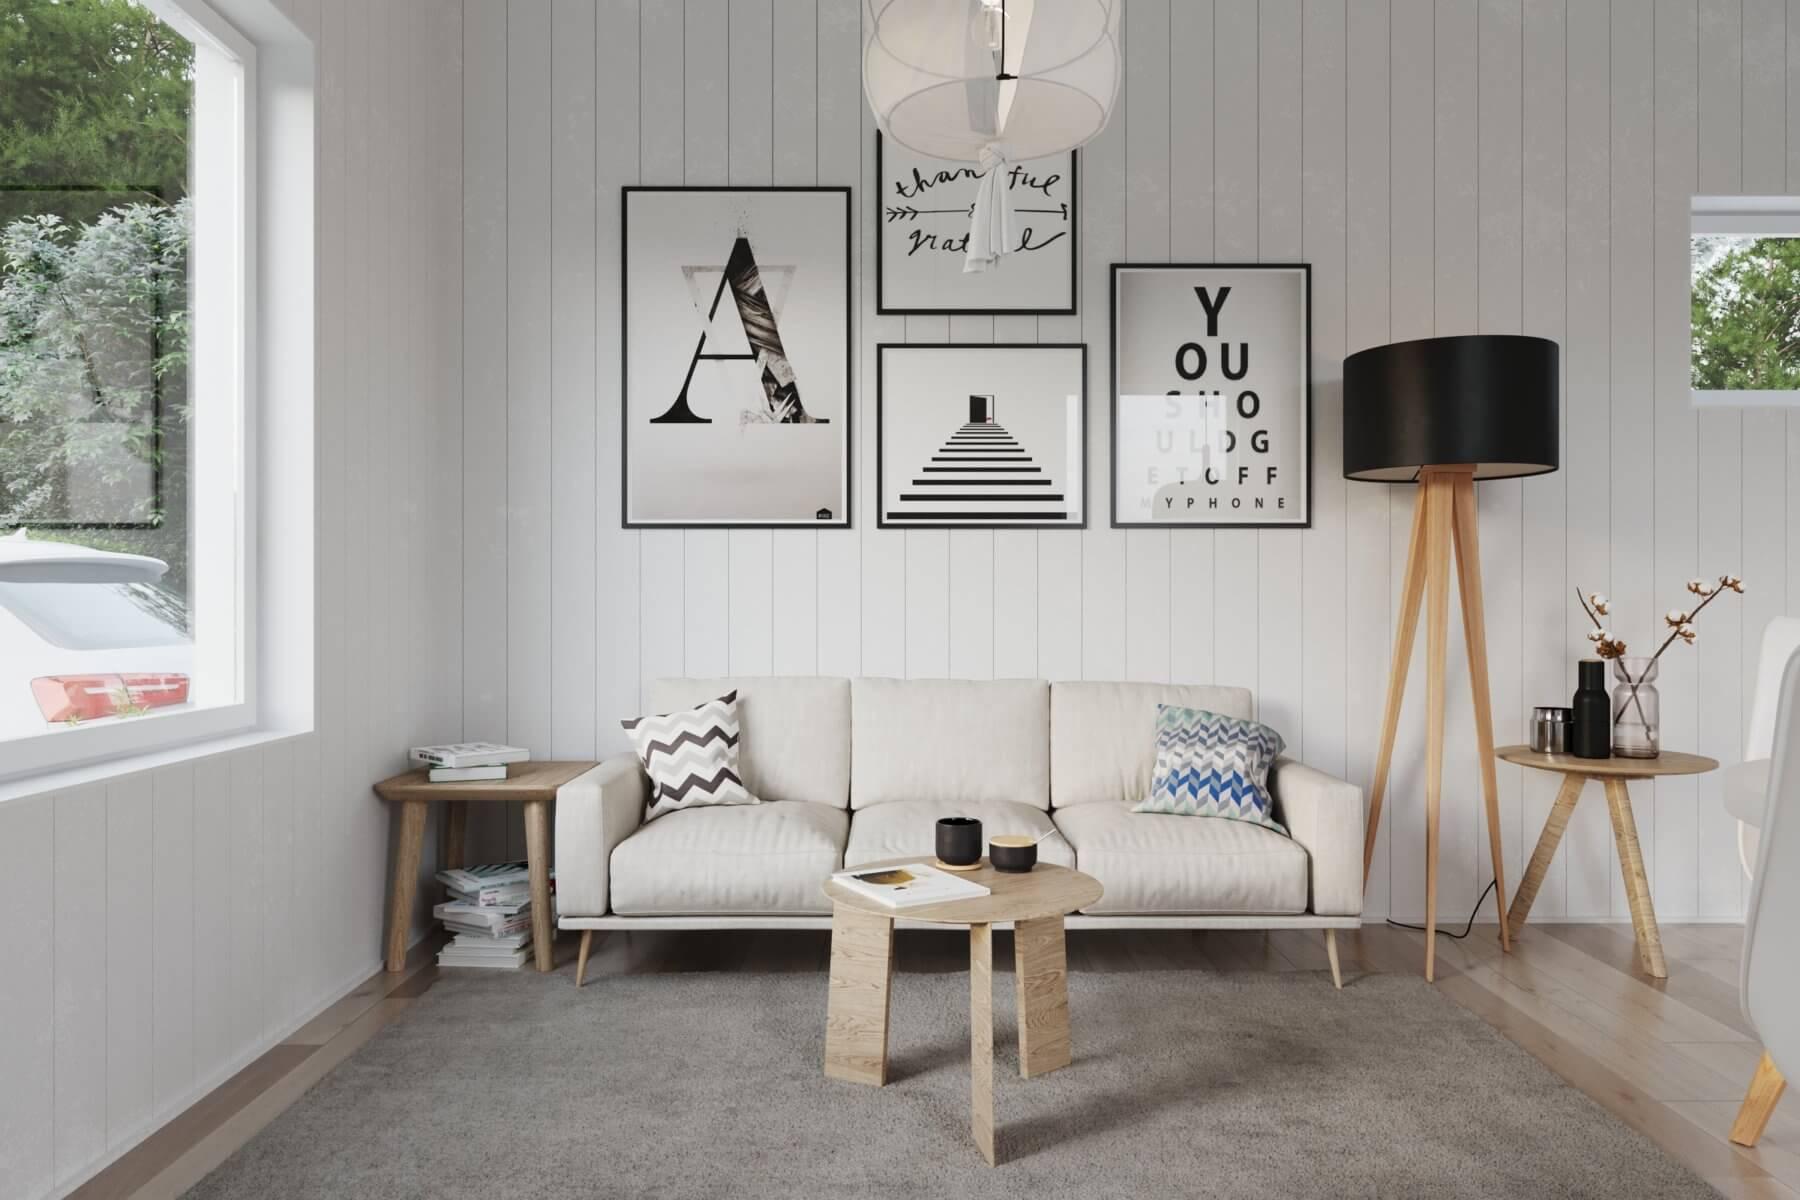 Soffhörna med soffa, soffbord och tavlor